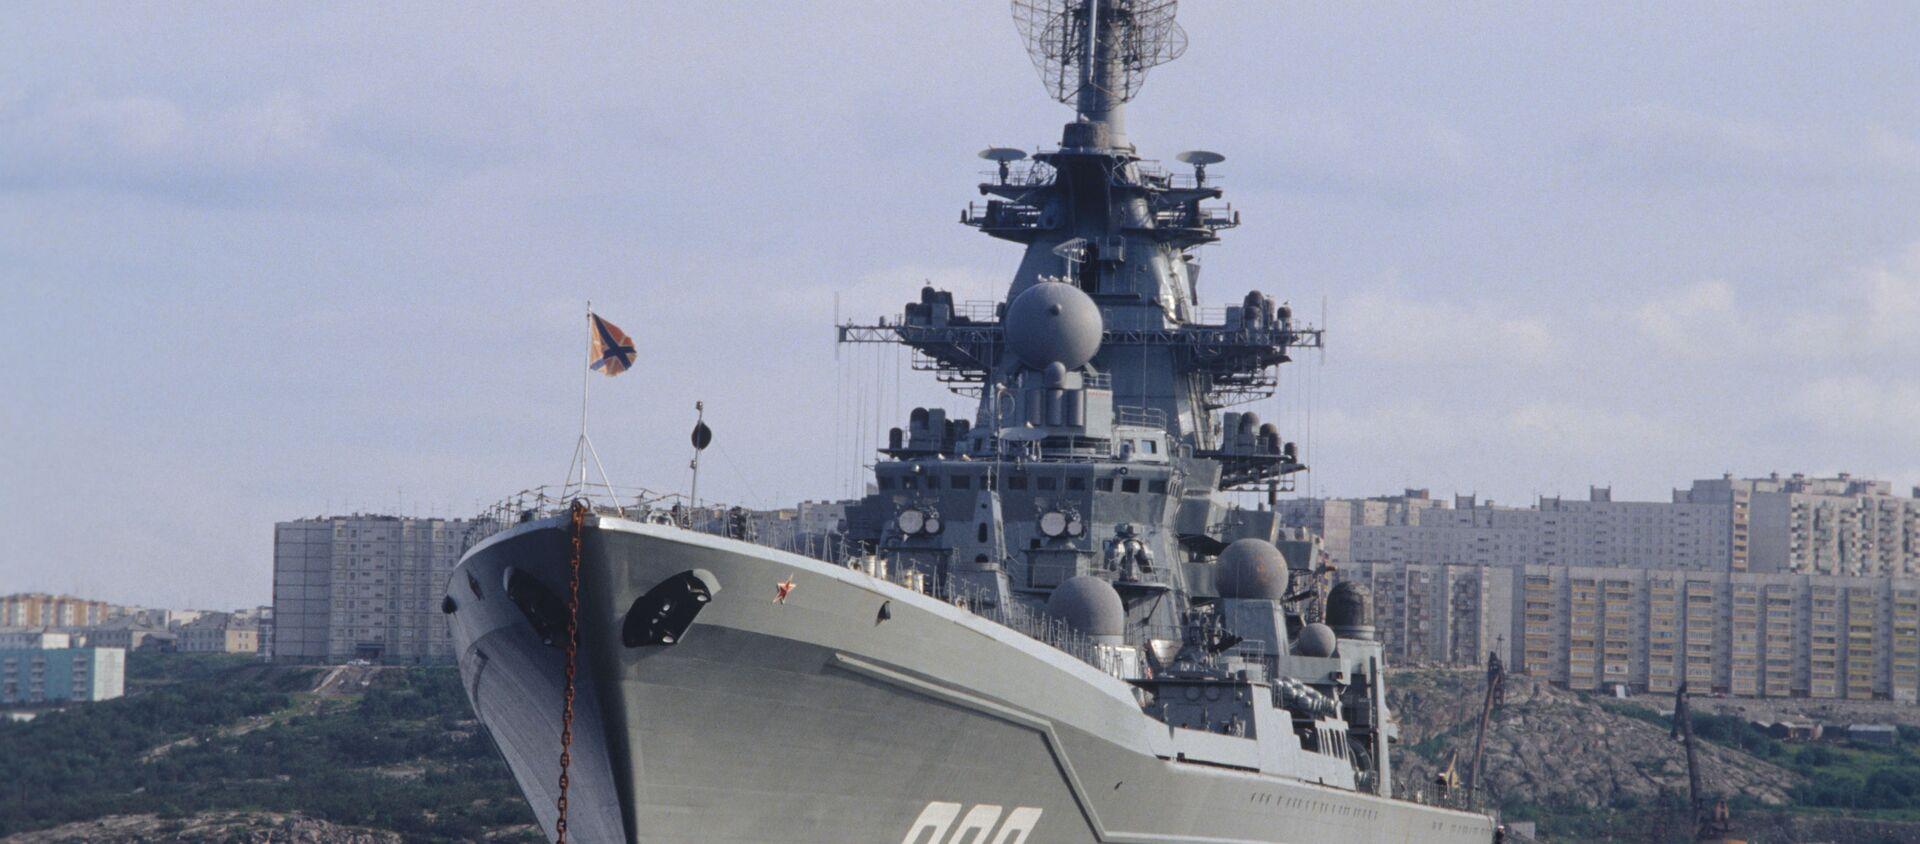 """Krążownik atomowy """"Admirał Nachimow"""" projektu 1144 Orłan  - Sputnik Polska, 1920, 24.04.2021"""